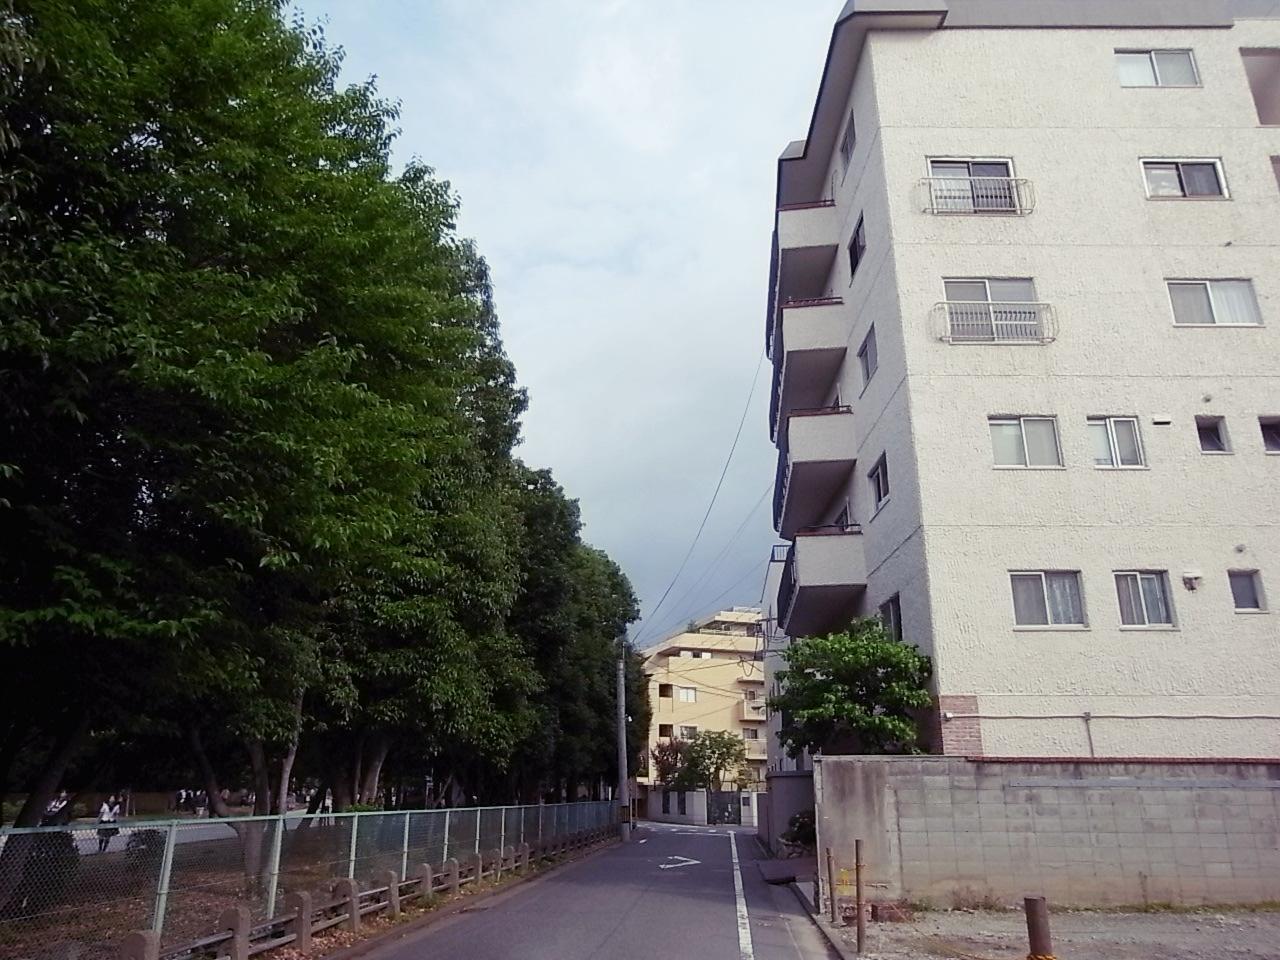 大濠の葉っぱとマンションのタイルがキッスしそうな距離感。